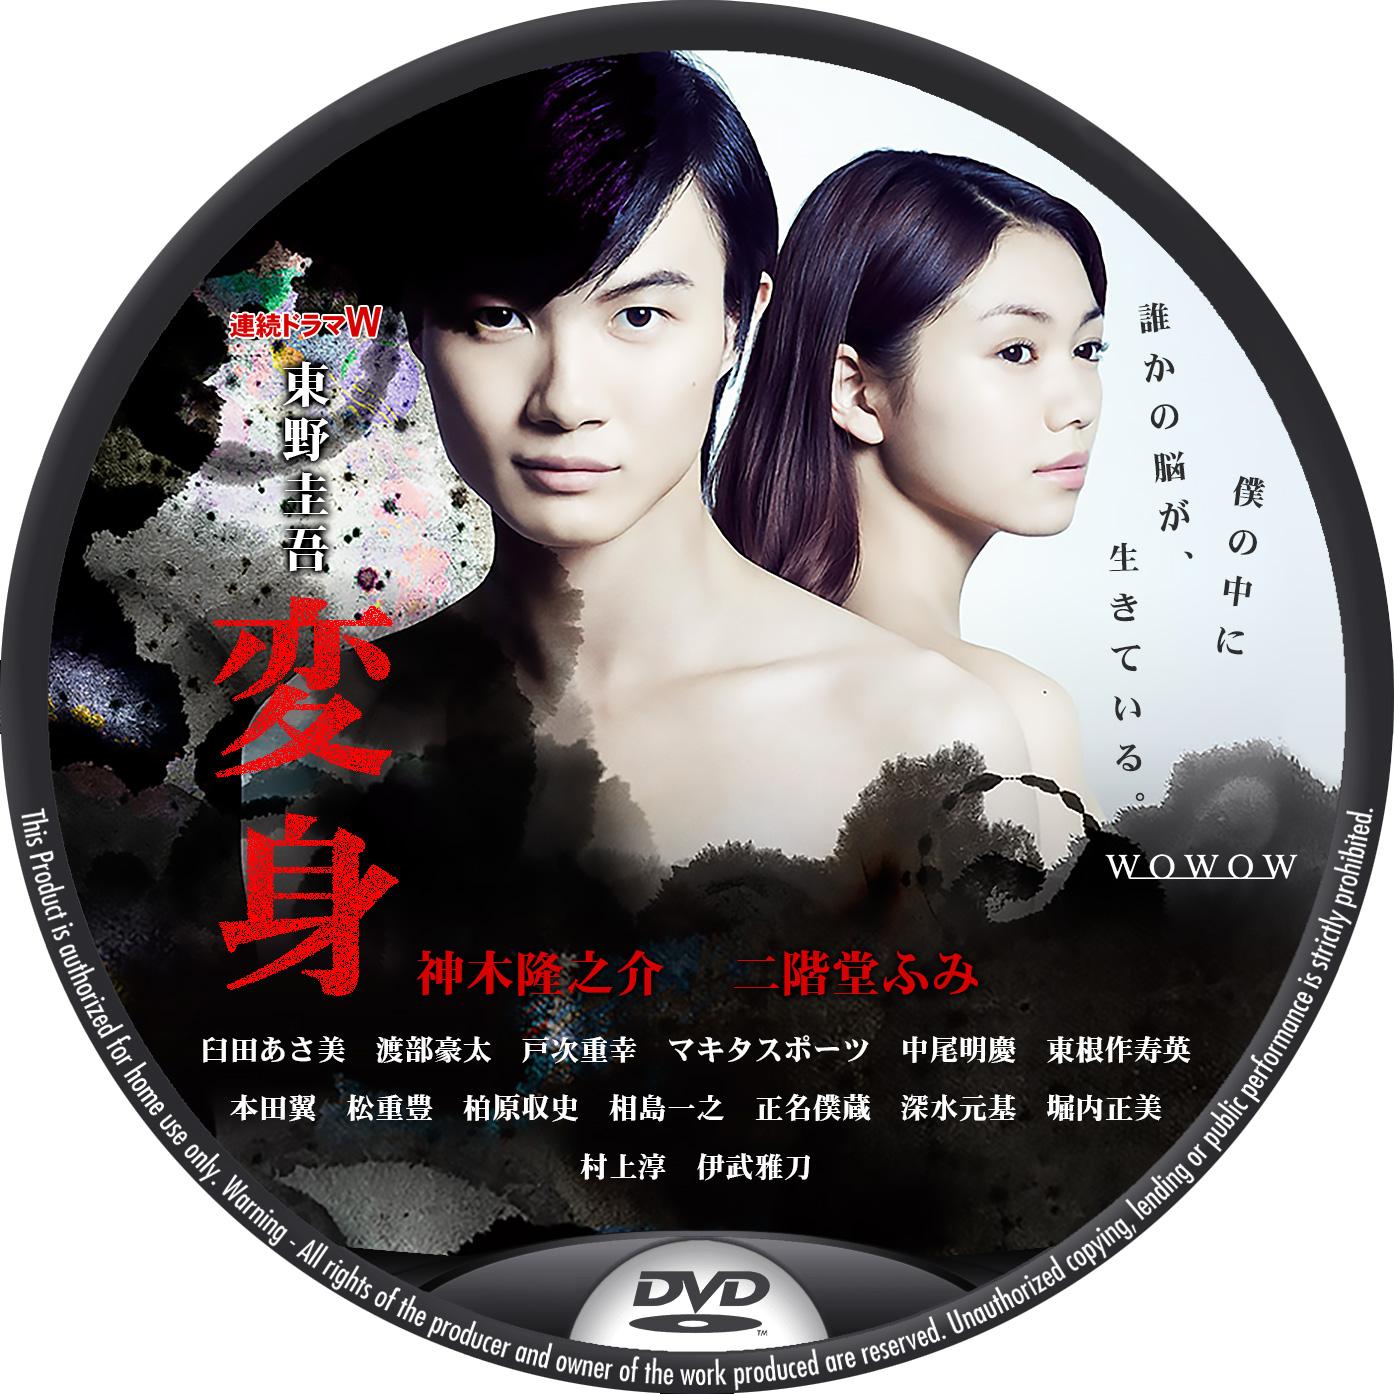 東野圭吾 変身 DVDラベル